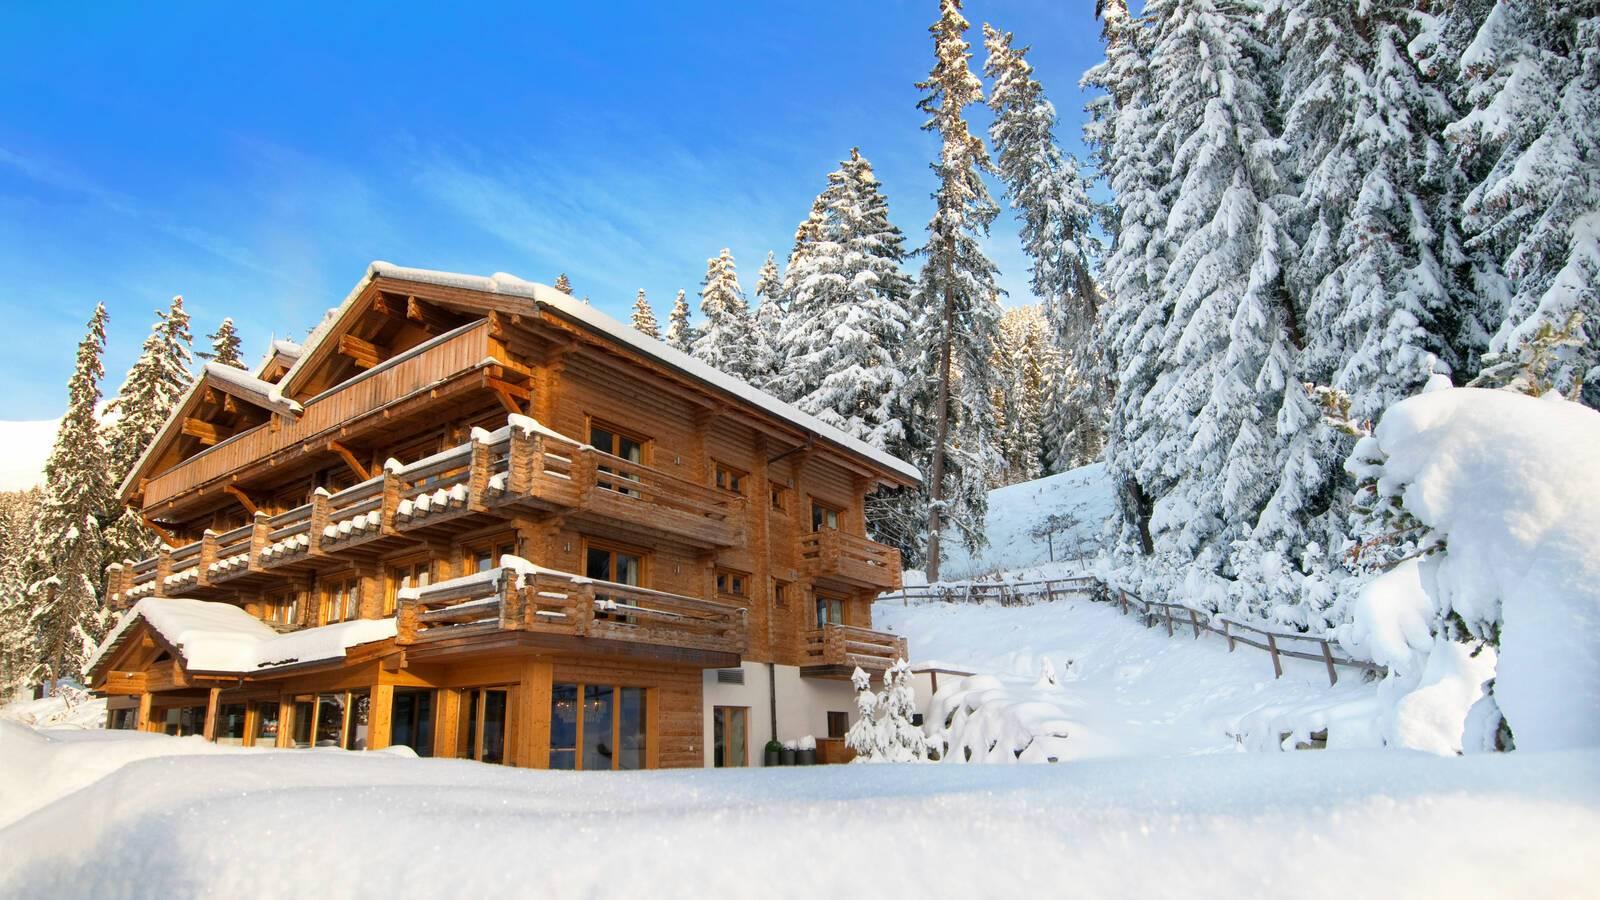 The Lodge Verbier Suisse Virgin Exterieur Hiver